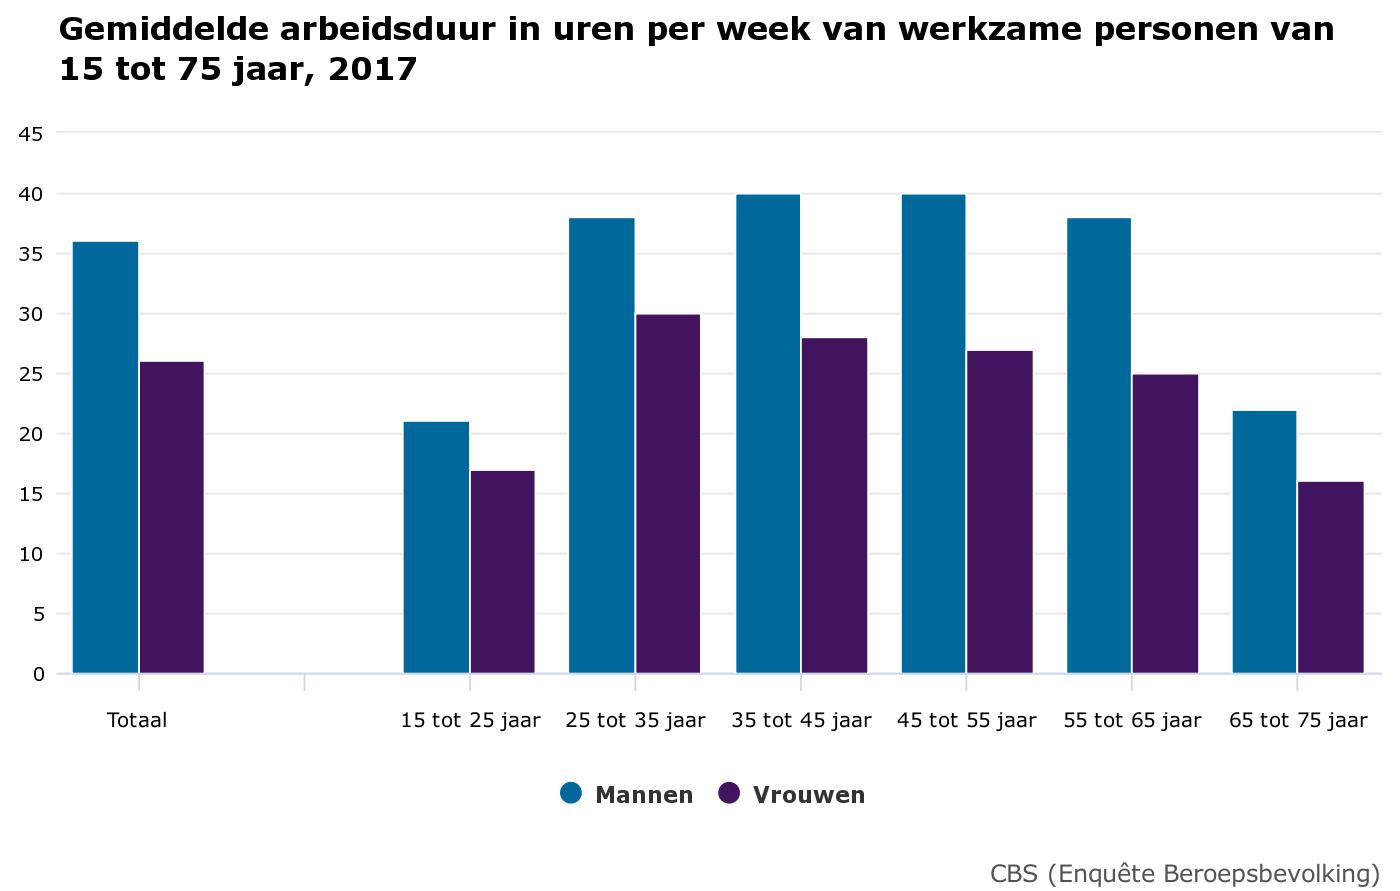 Средняя продолжительность рабочей недели для трудоустроенных от 15 до 75 лет (2017). Голубым отмечены мужчины, сиреневым — женщины.